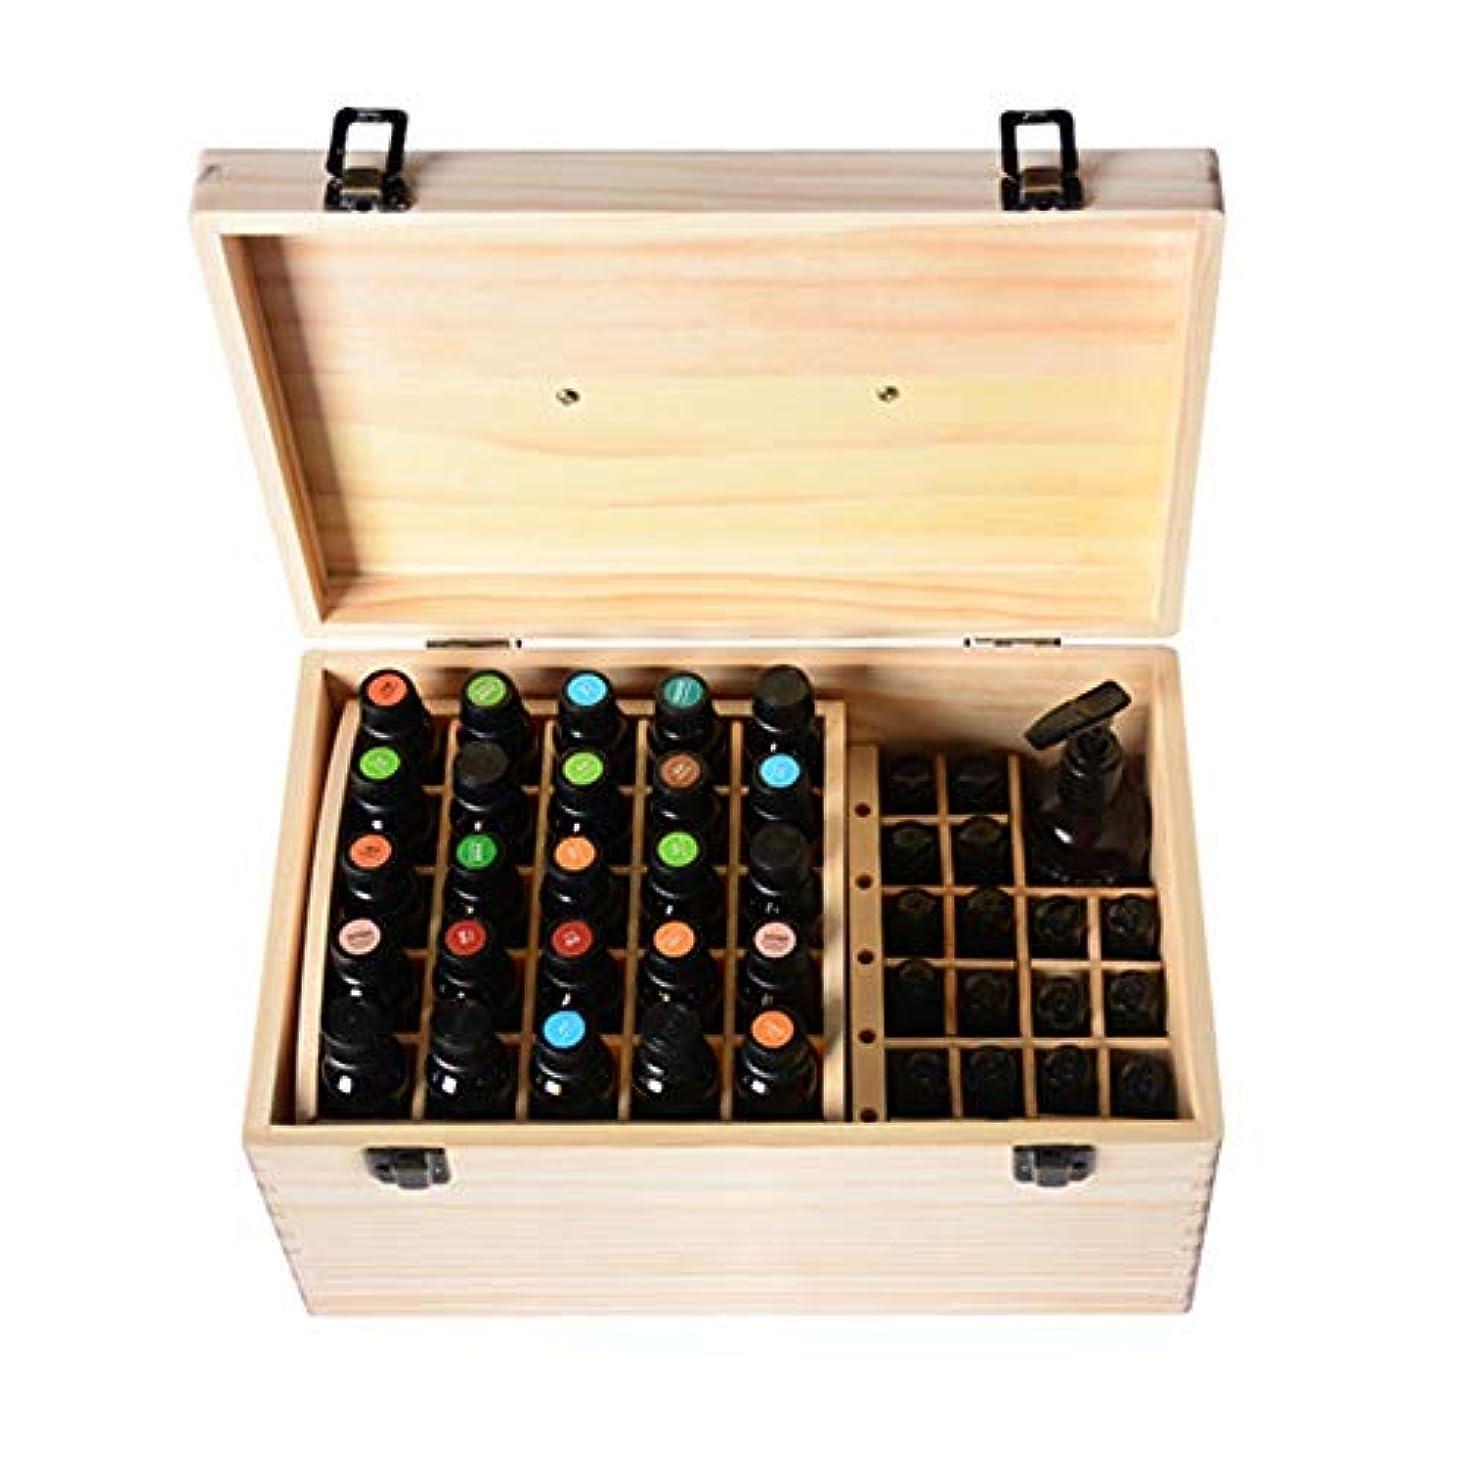 ファイター注目すべきアンティークエッセンシャルオイルストレージボックス 74スロット木エッセンシャルオイルボックス収納ケース内部のリムーバブルは15/10 M1のボトルナチュラルパインを開催します 旅行およびプレゼンテーション用 (色 : Natural, サイズ : 35X20X16.5CM)